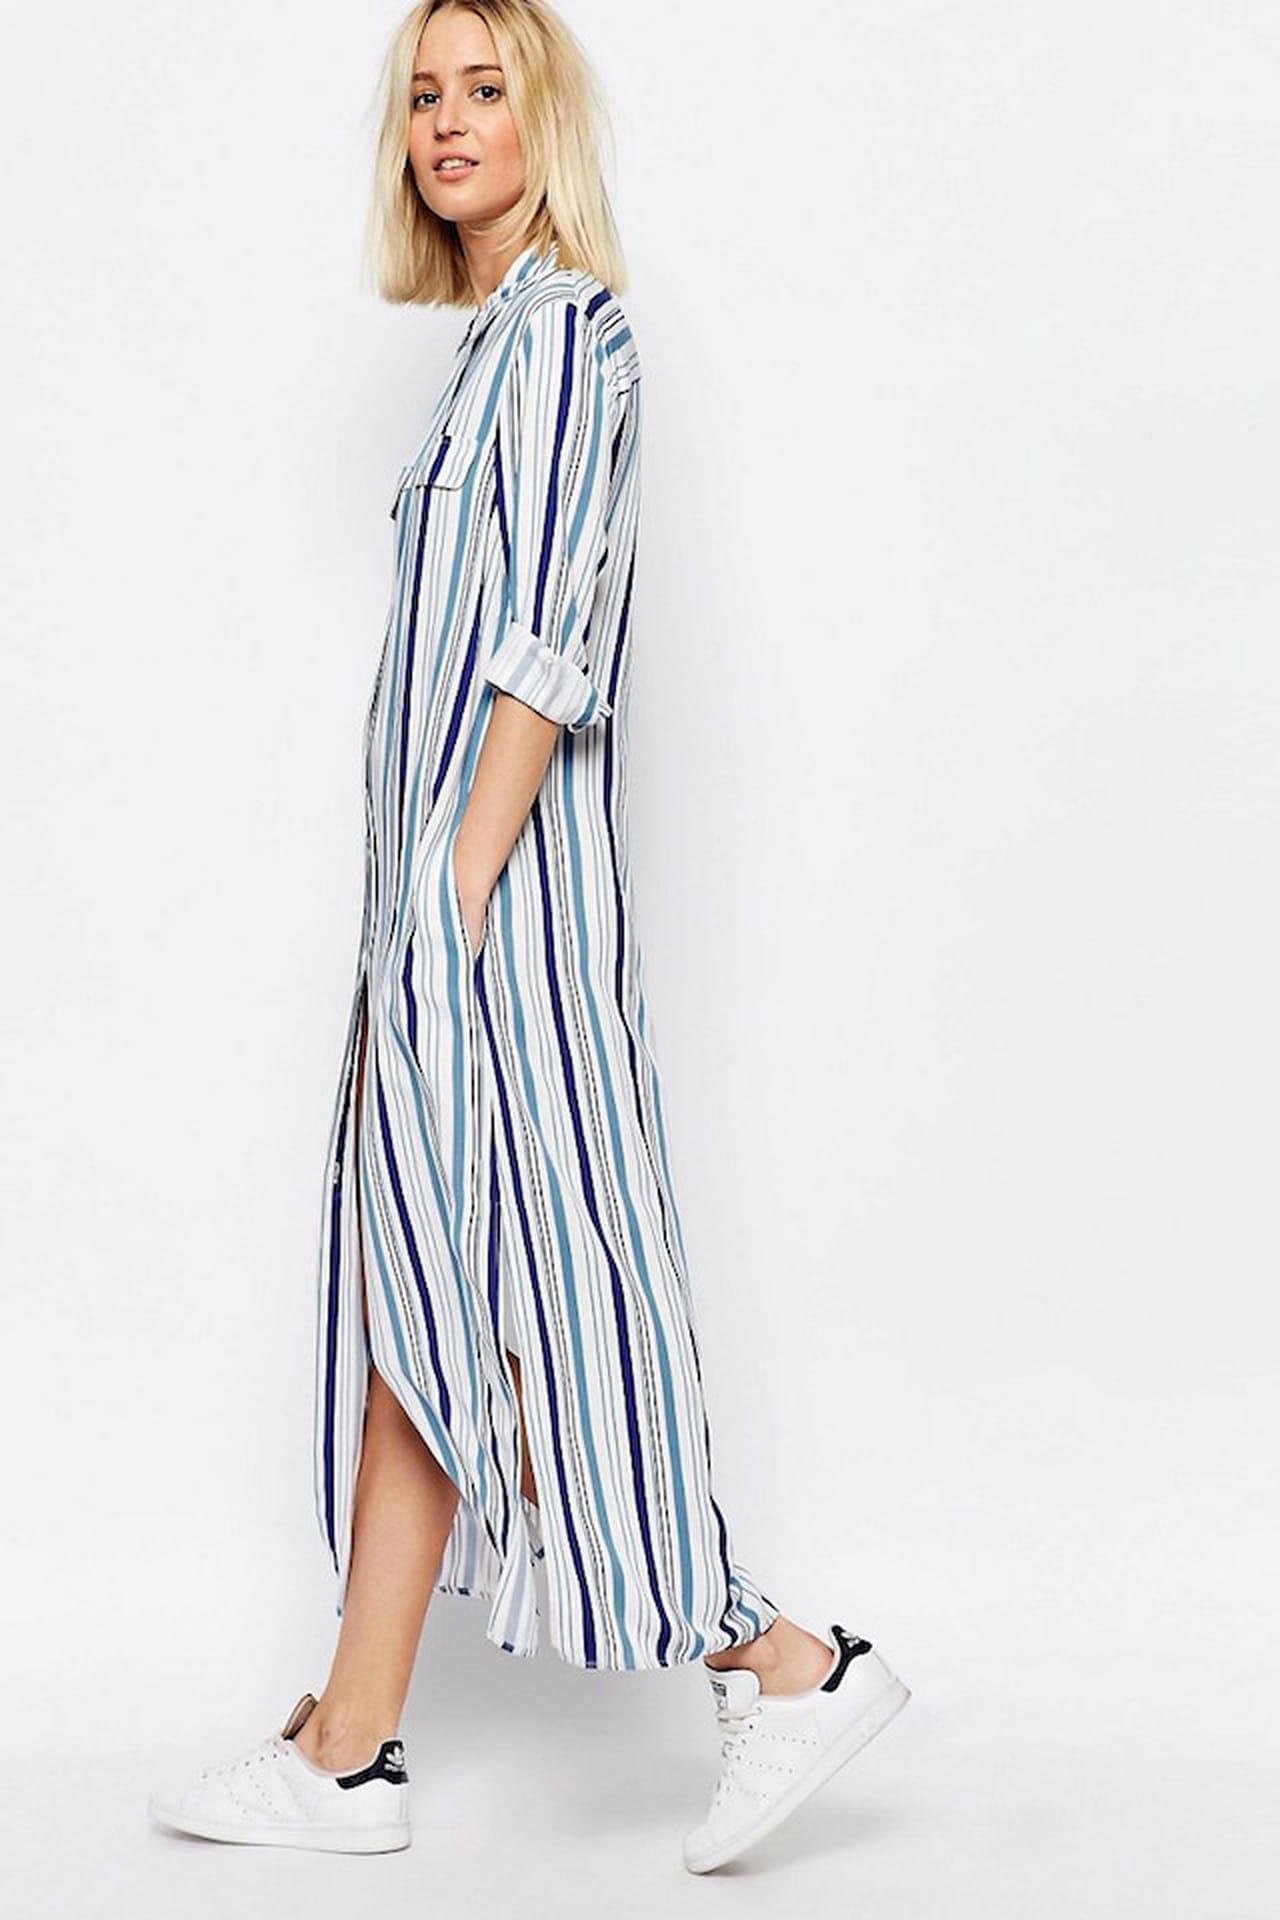 775da15a0a75 L abito chemisier a righe è ideale per il look del tempo libero.